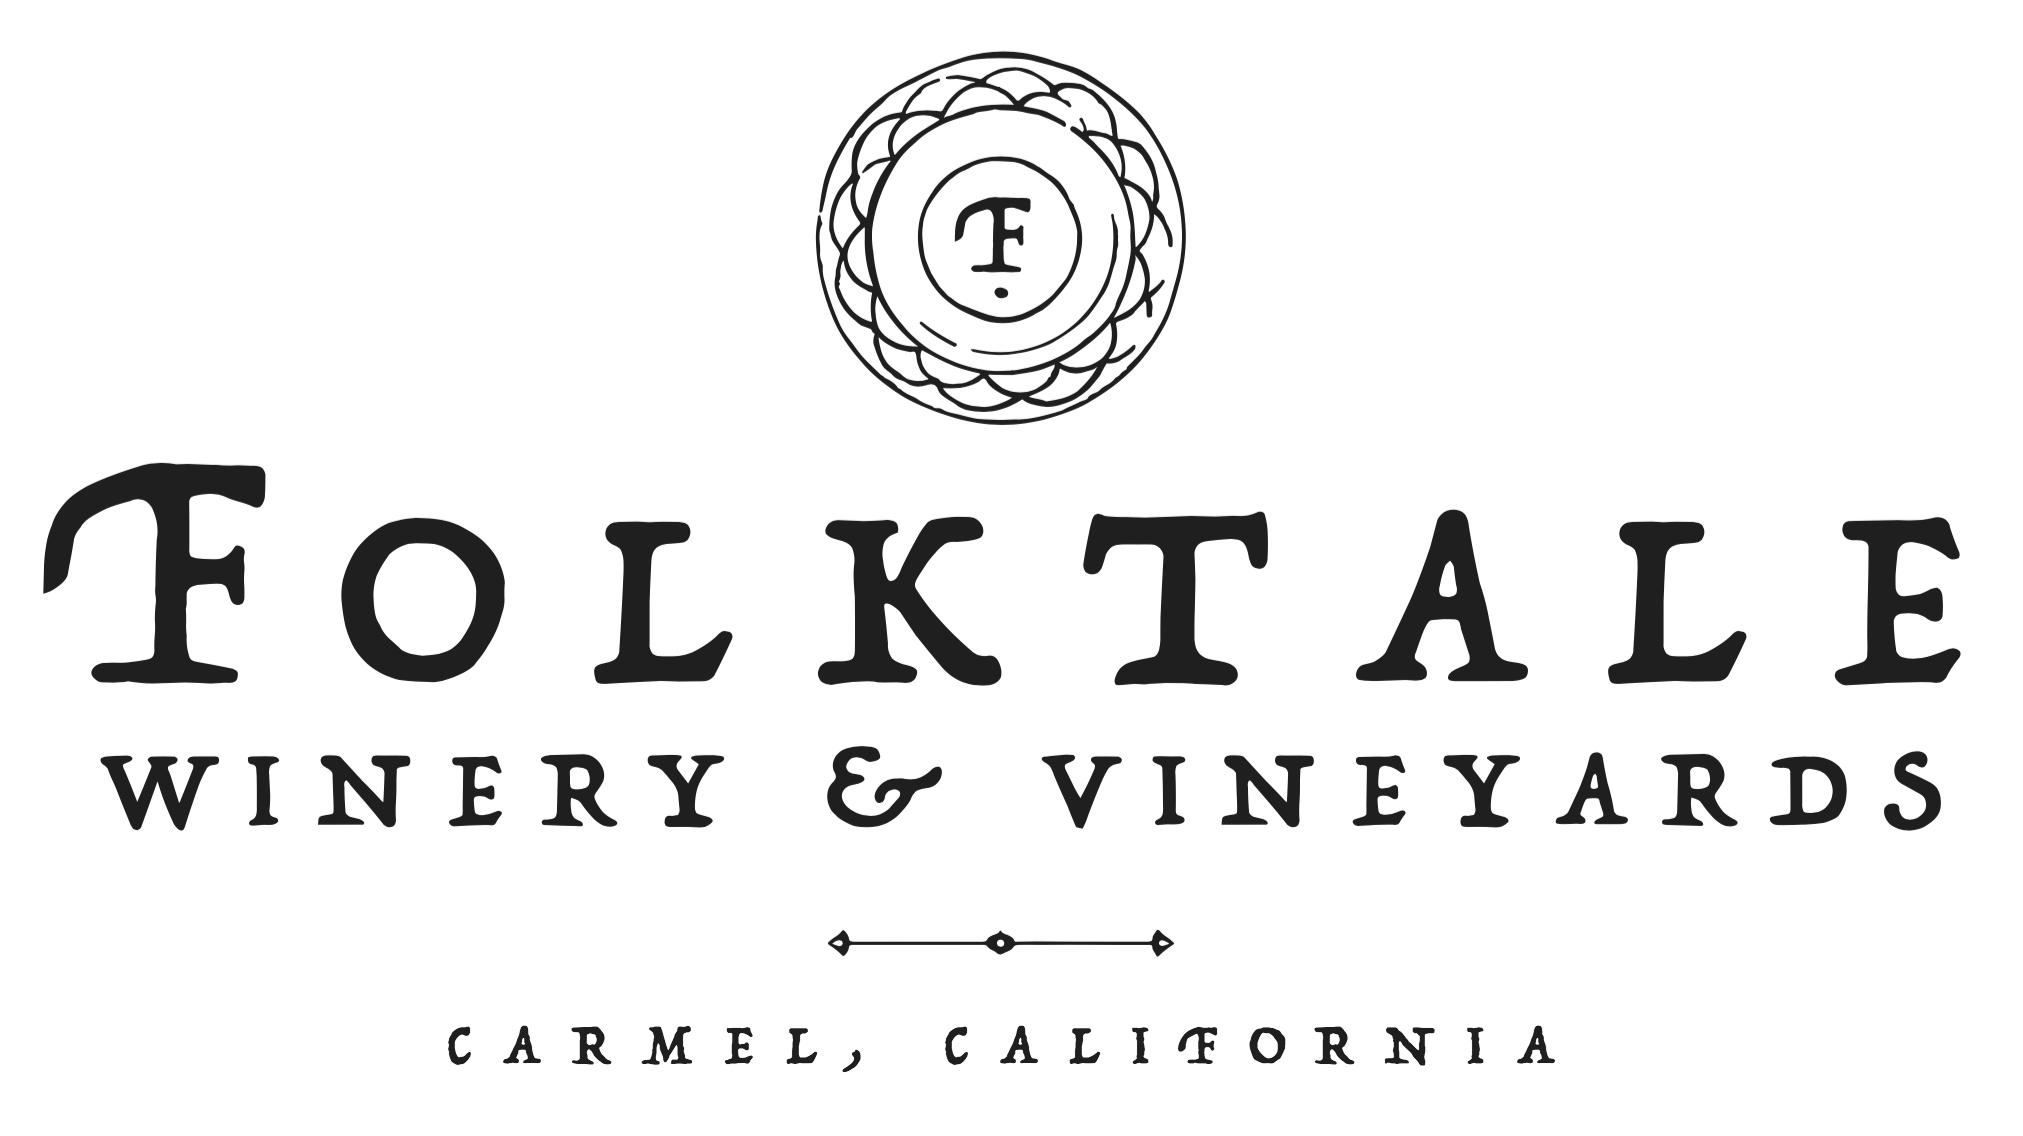 Folktale-Logo-with-Medallion.jpg